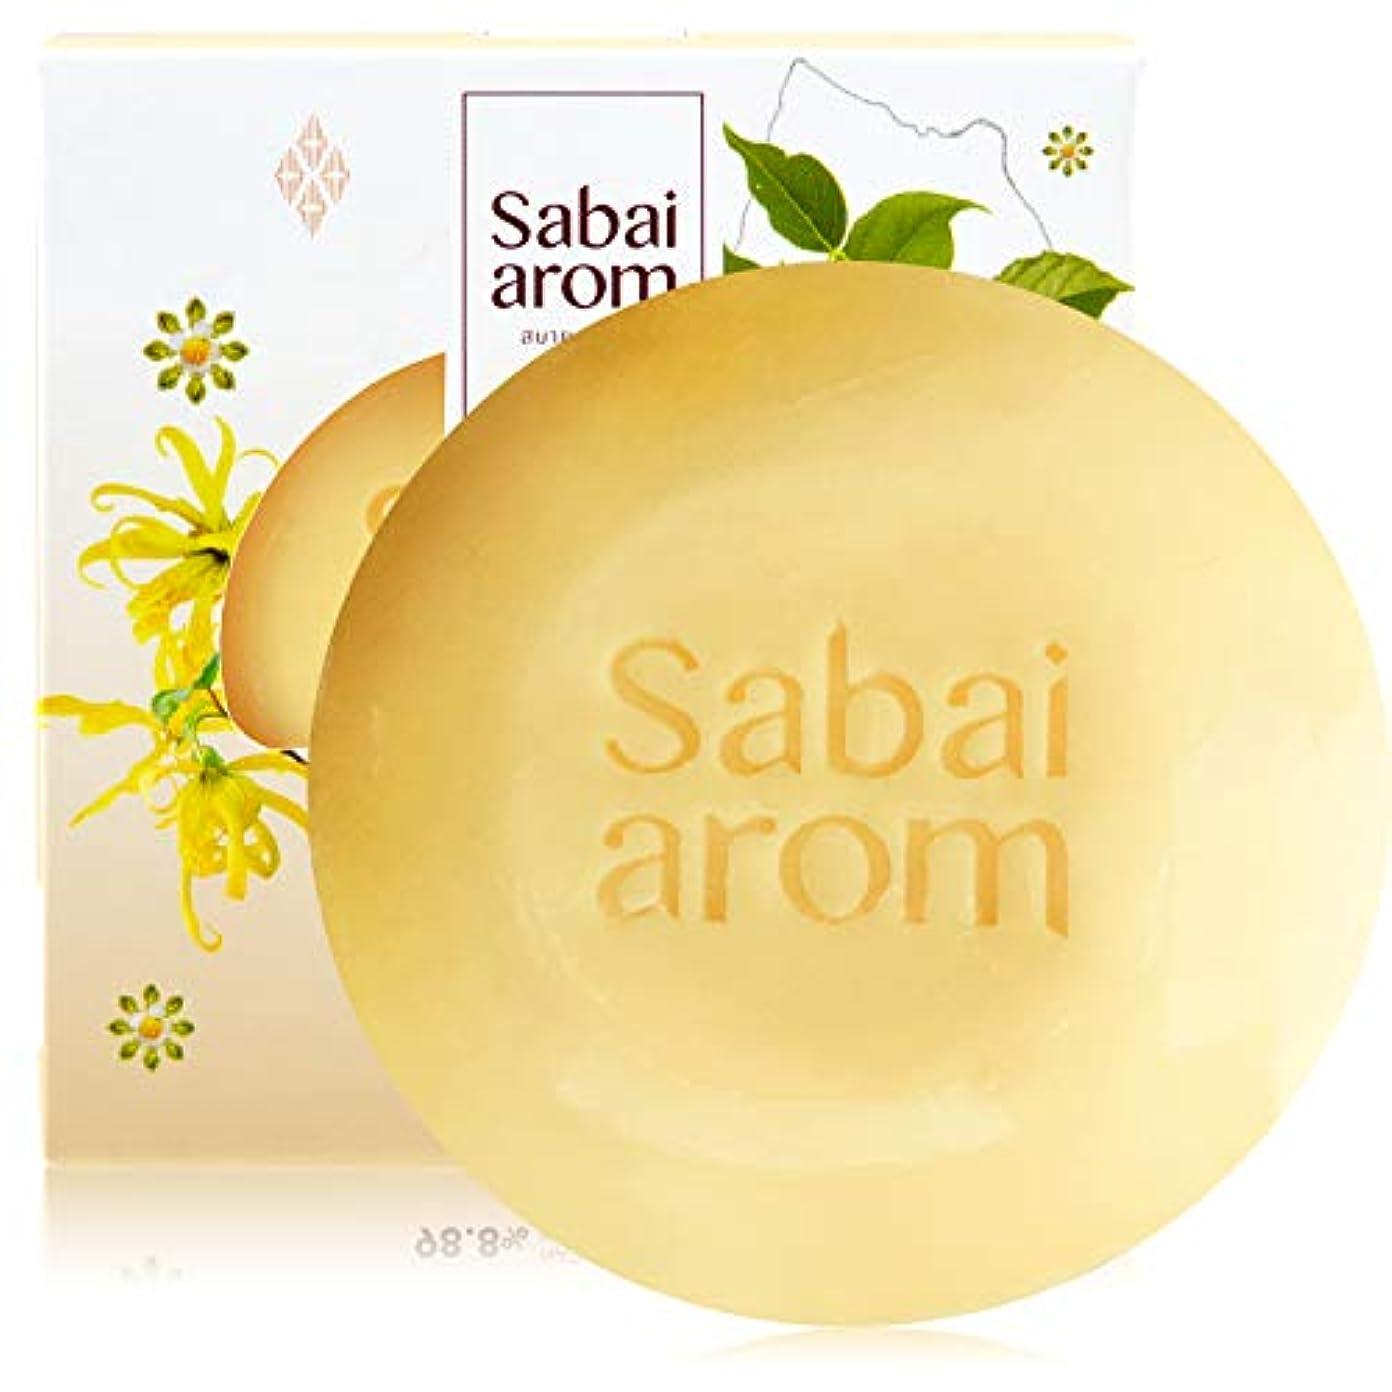 横向きパック工業化するサバイアロム(Sabai-arom) ロイヤル サイアミーズ ブロッサムズ フェイス&ボディソープバー (石鹸) 100g【SB】【001】